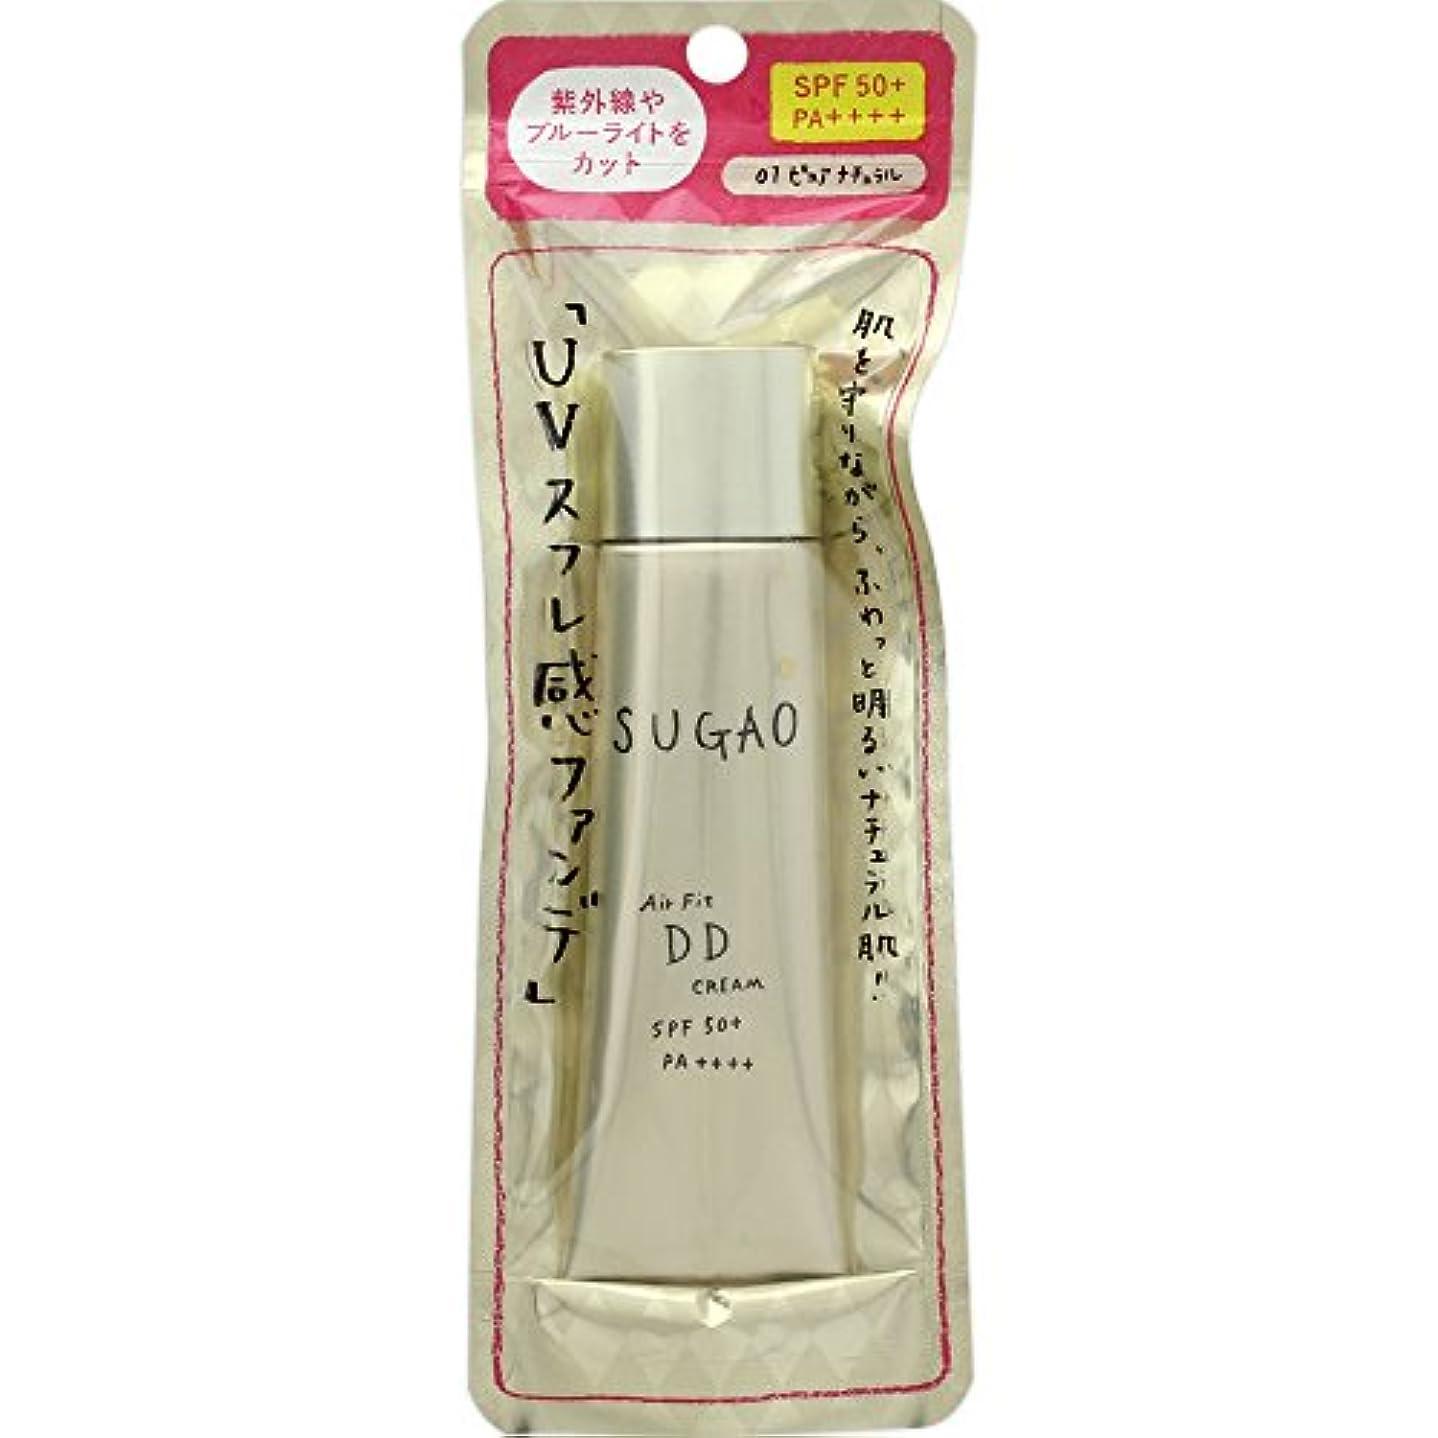 区別する偏心従事するスガオ (SUGAO) エアーフィット DDクリーム ピュアナチュラル SPF50+ PA++++ 25g